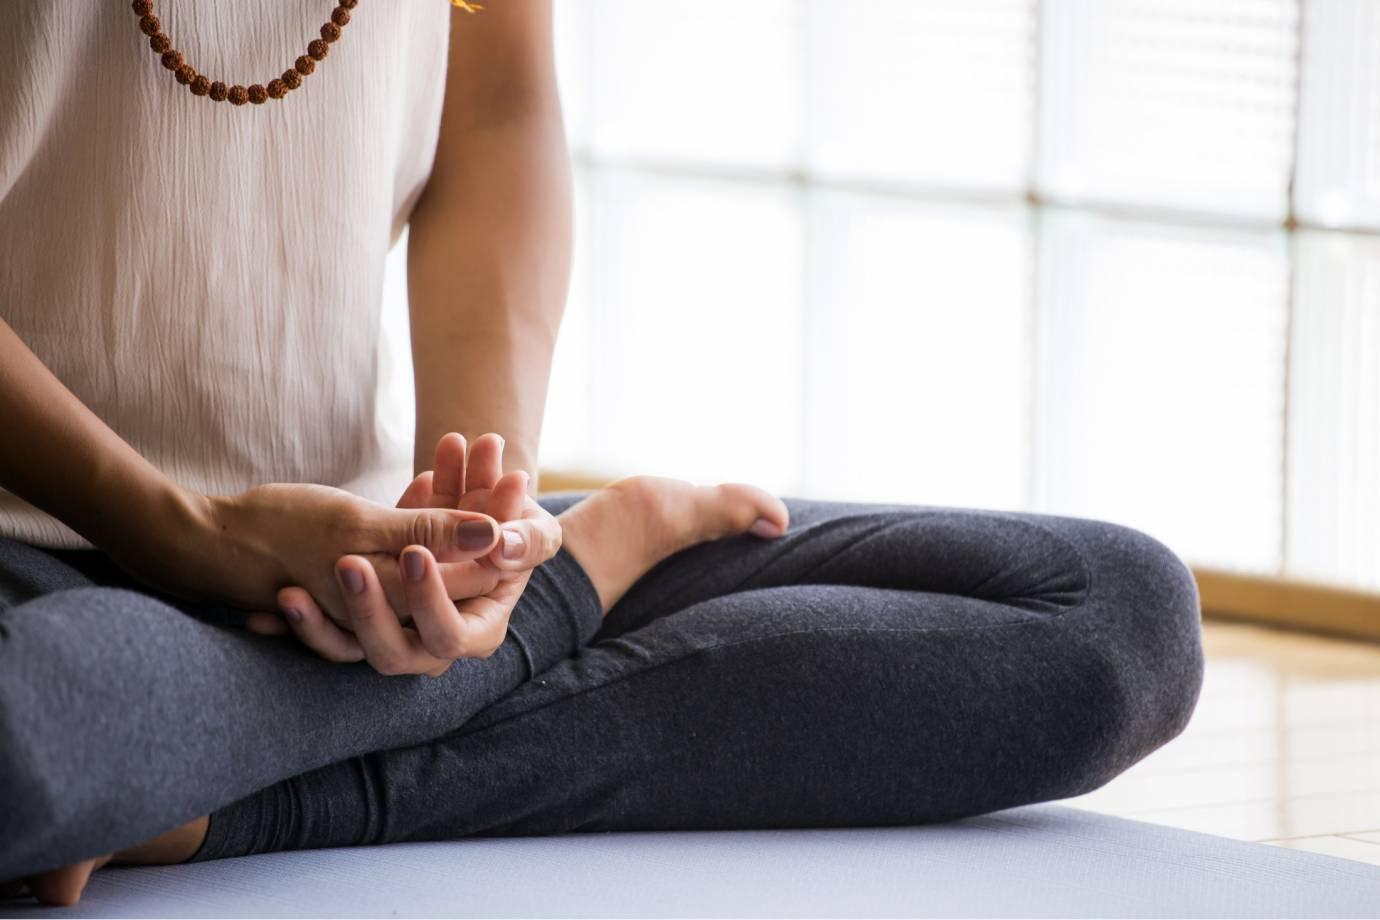 Meditation (L Vandoorne - Shutterstock)